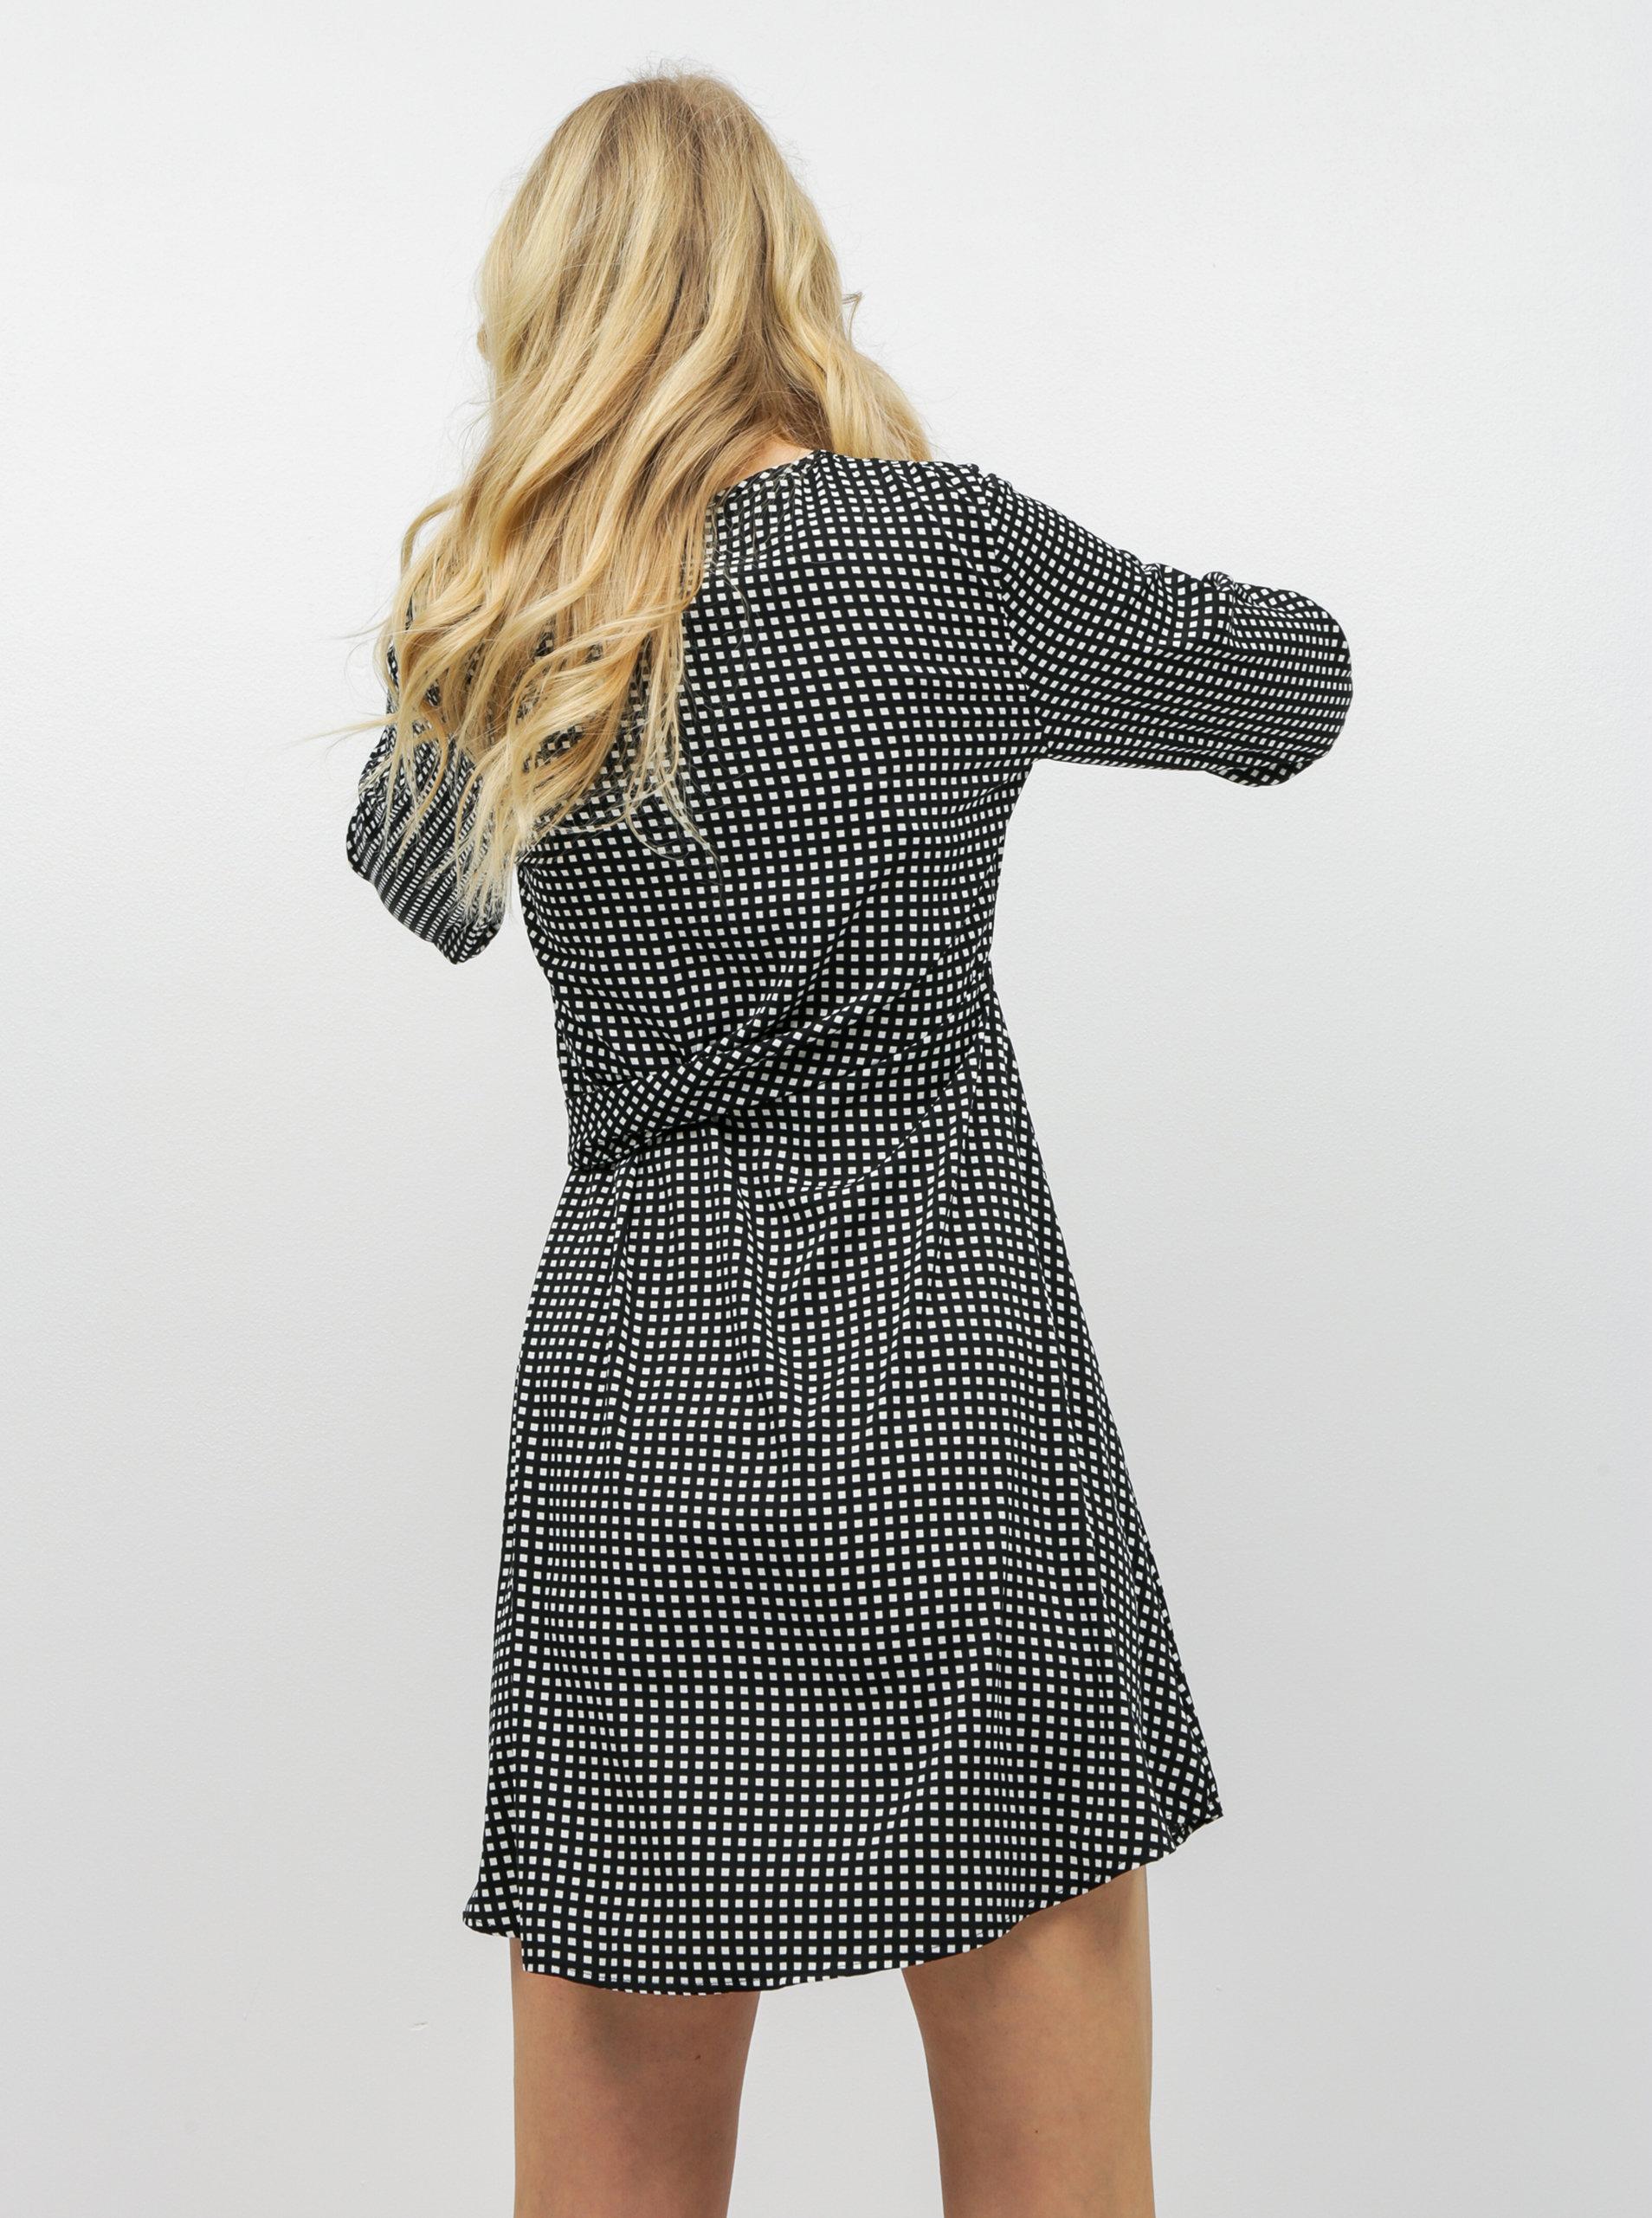 85b985d53 Čierno–biele kockované šaty s mašľou VERO MODA Square | ZOOT.sk